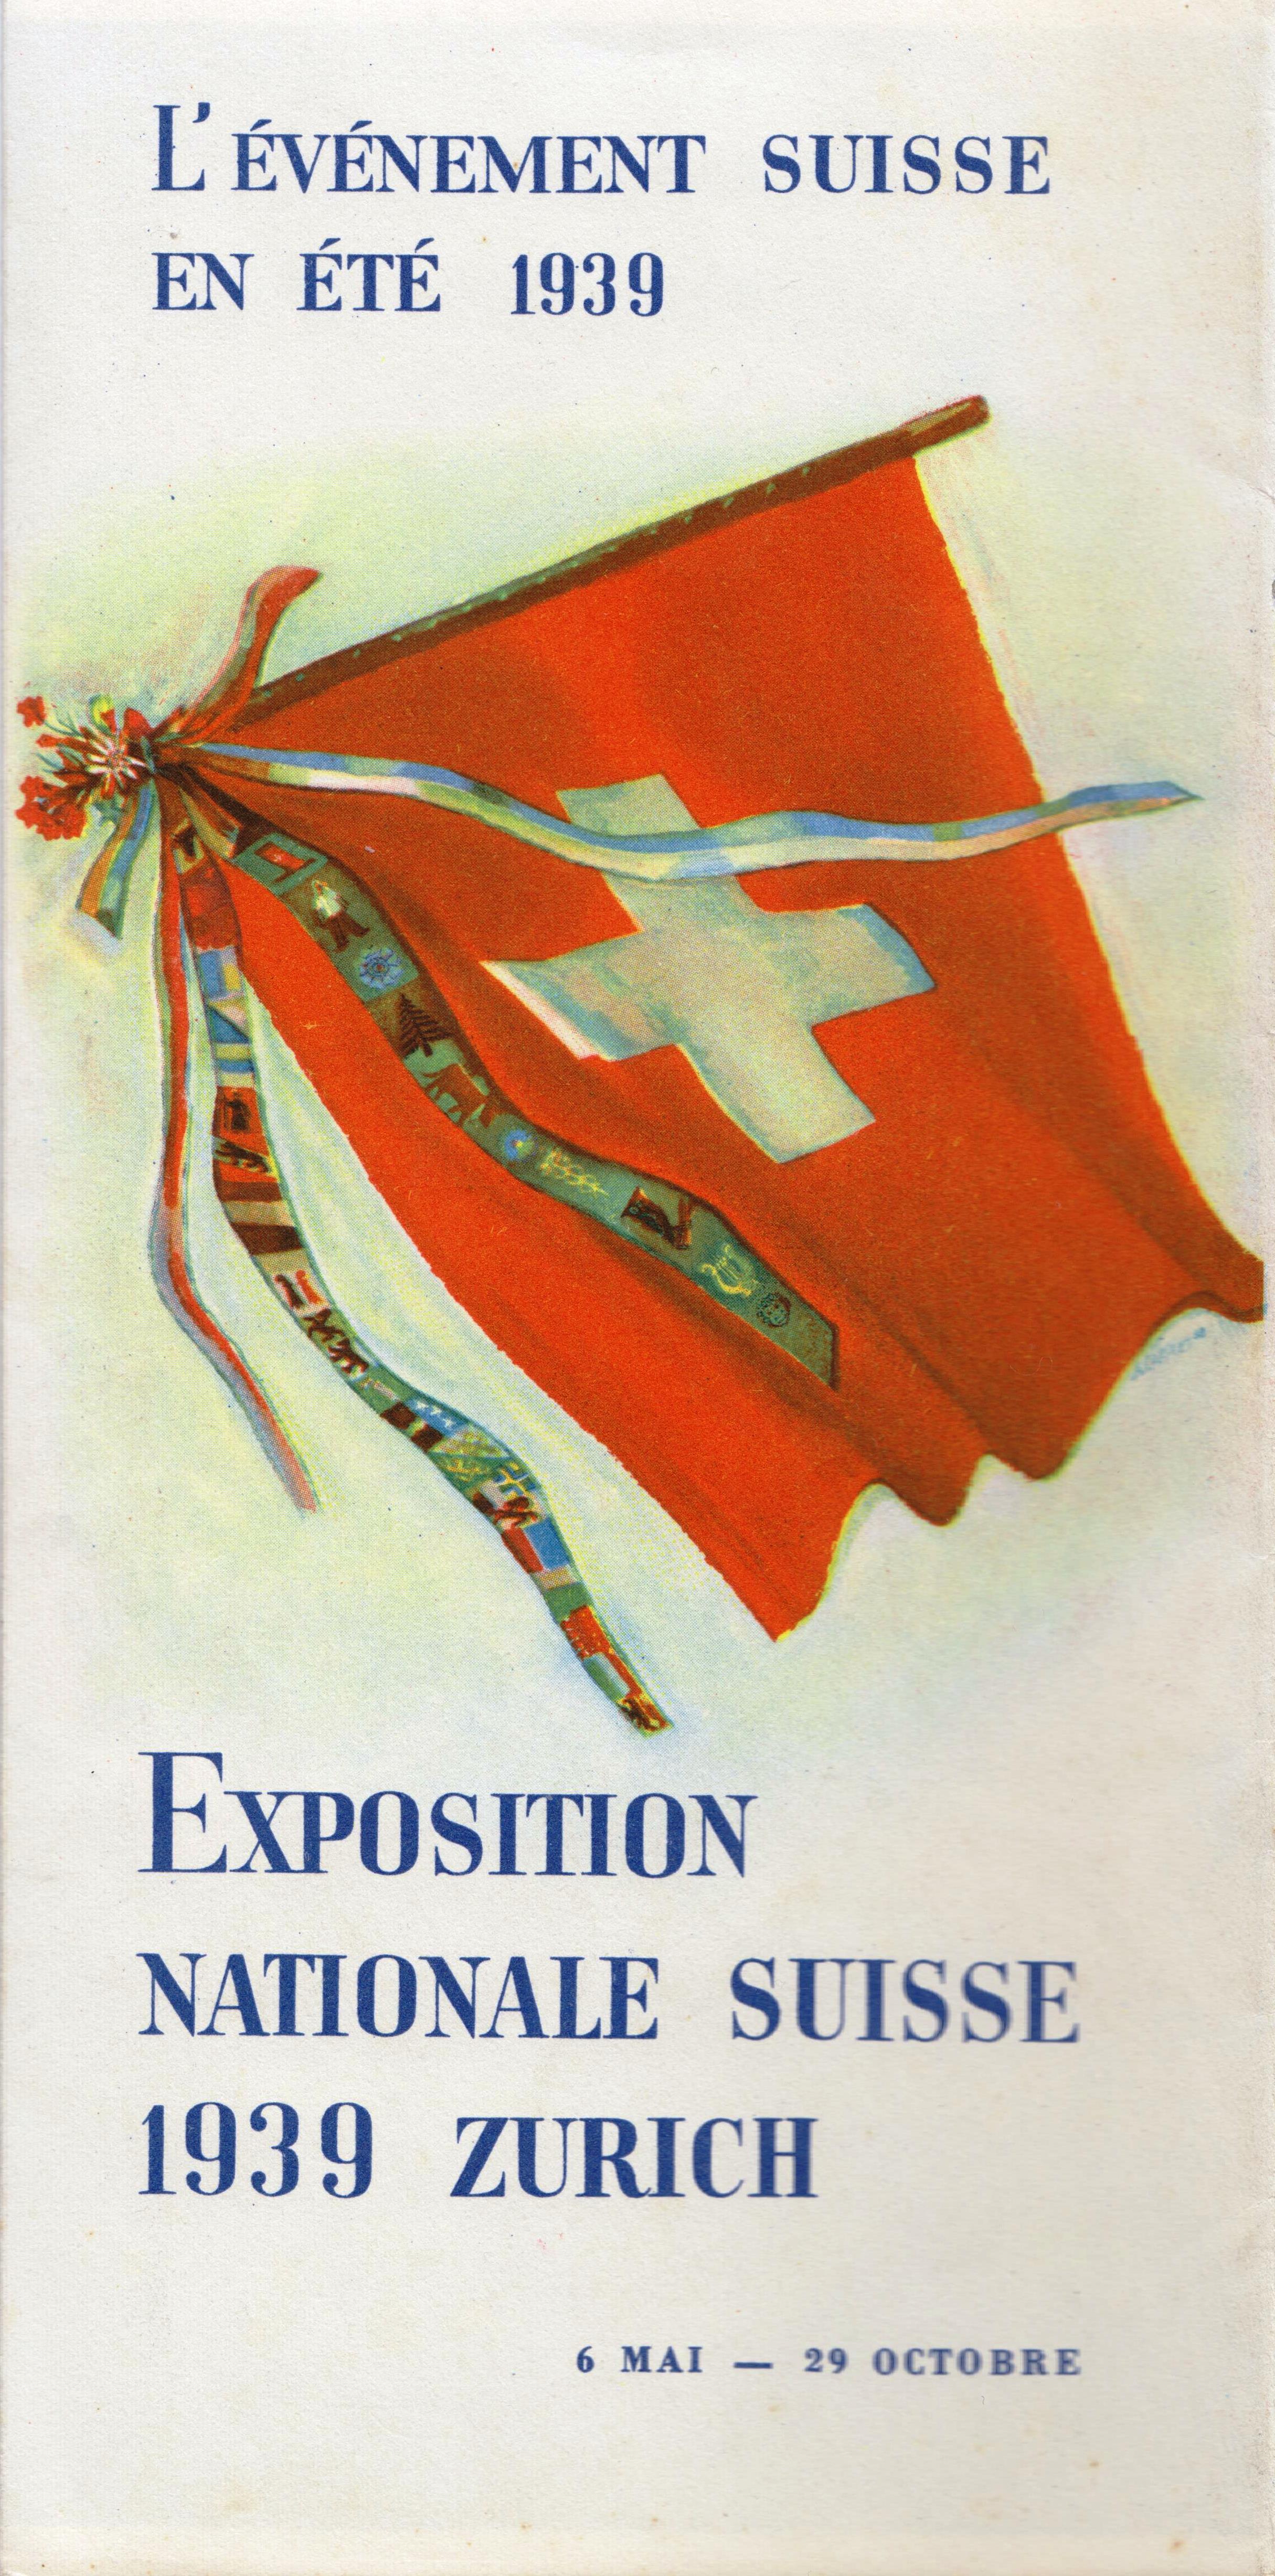 Expo 39, le prospectus officiel